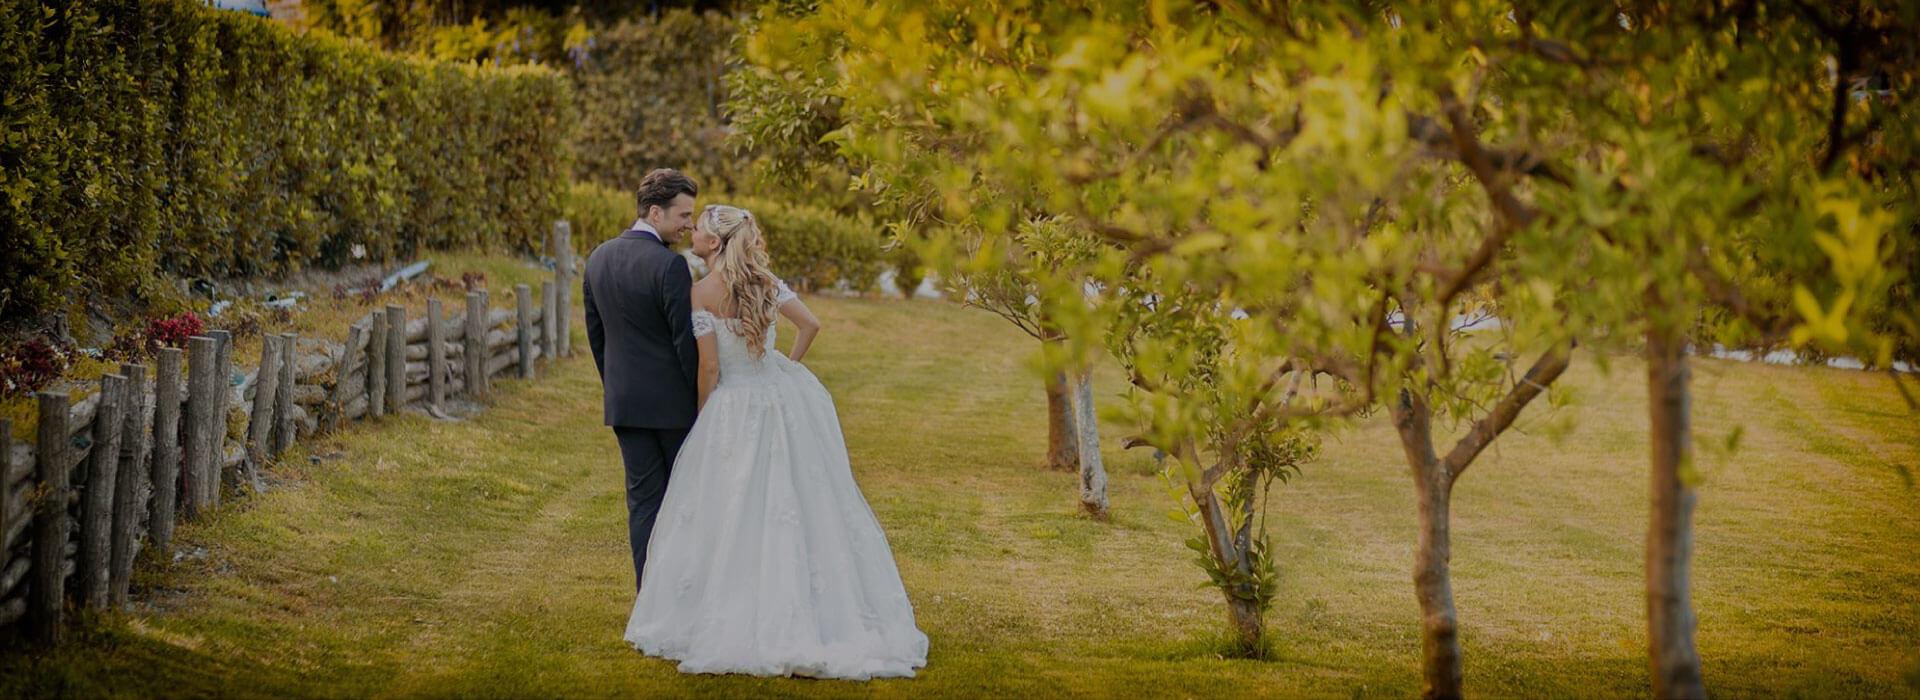 Matrimonio in villa storica a caserta ricevimento di for Allestimento giardino matrimonio